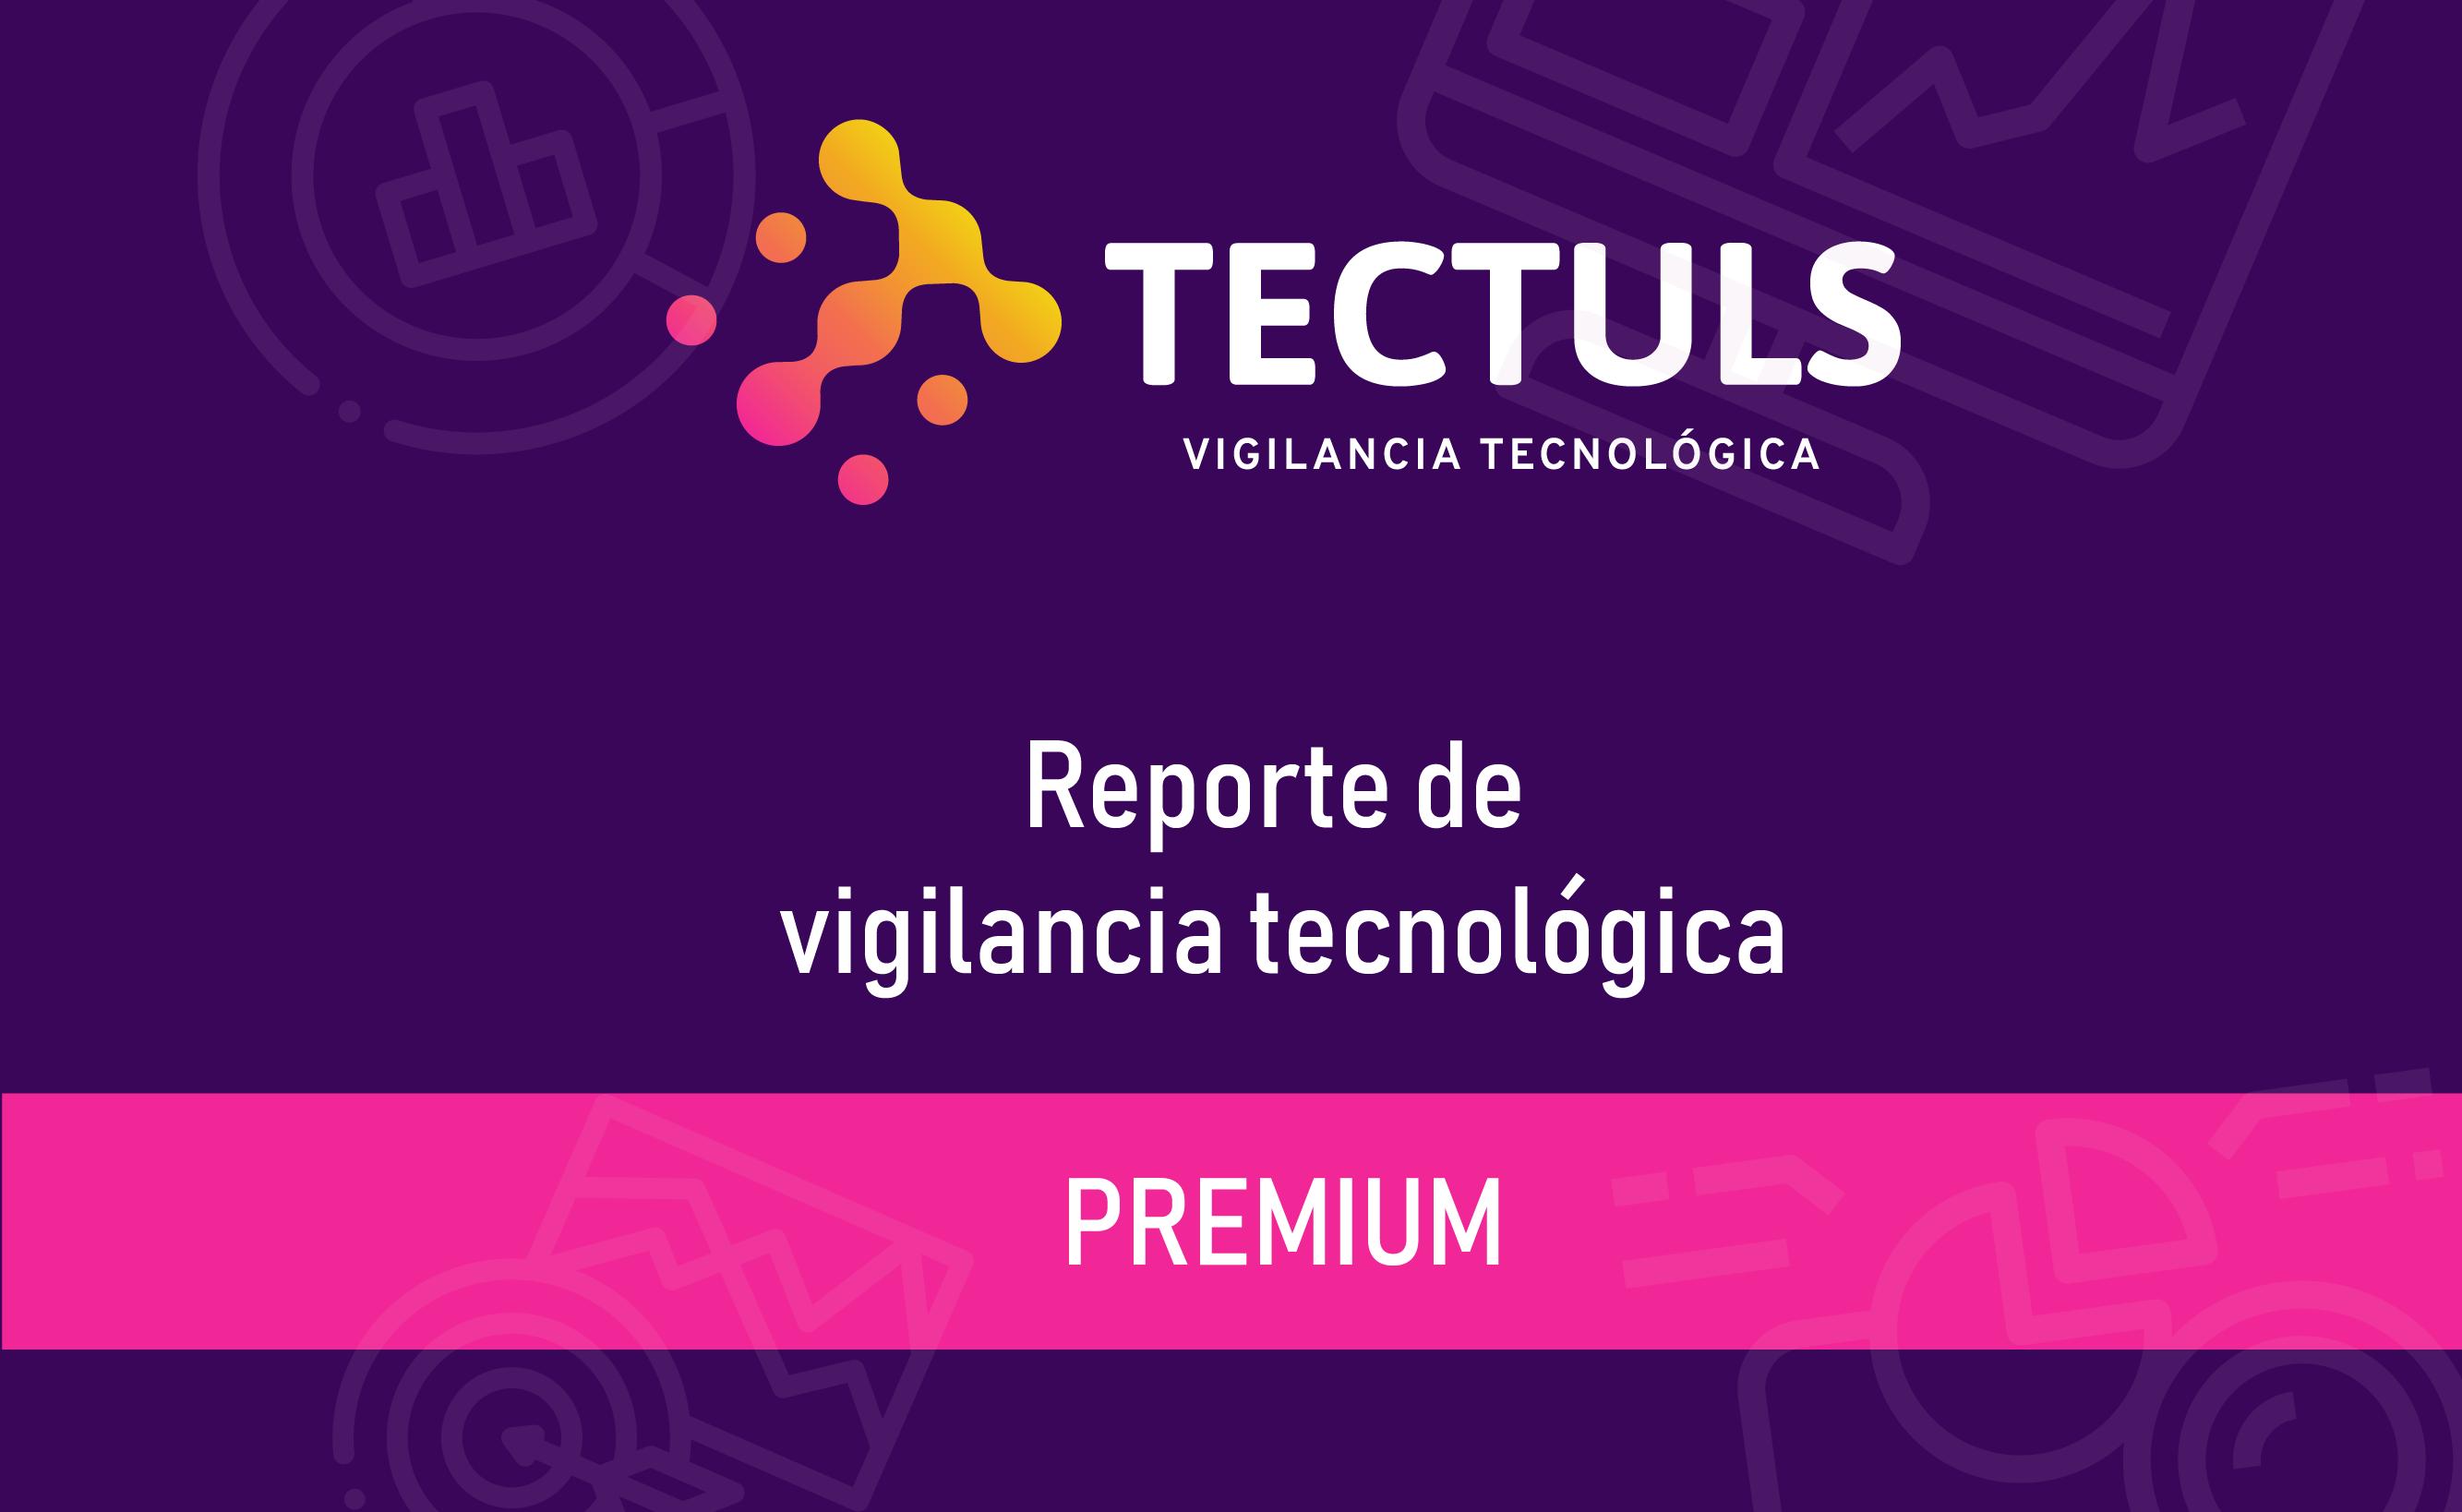 Tectuls Premium